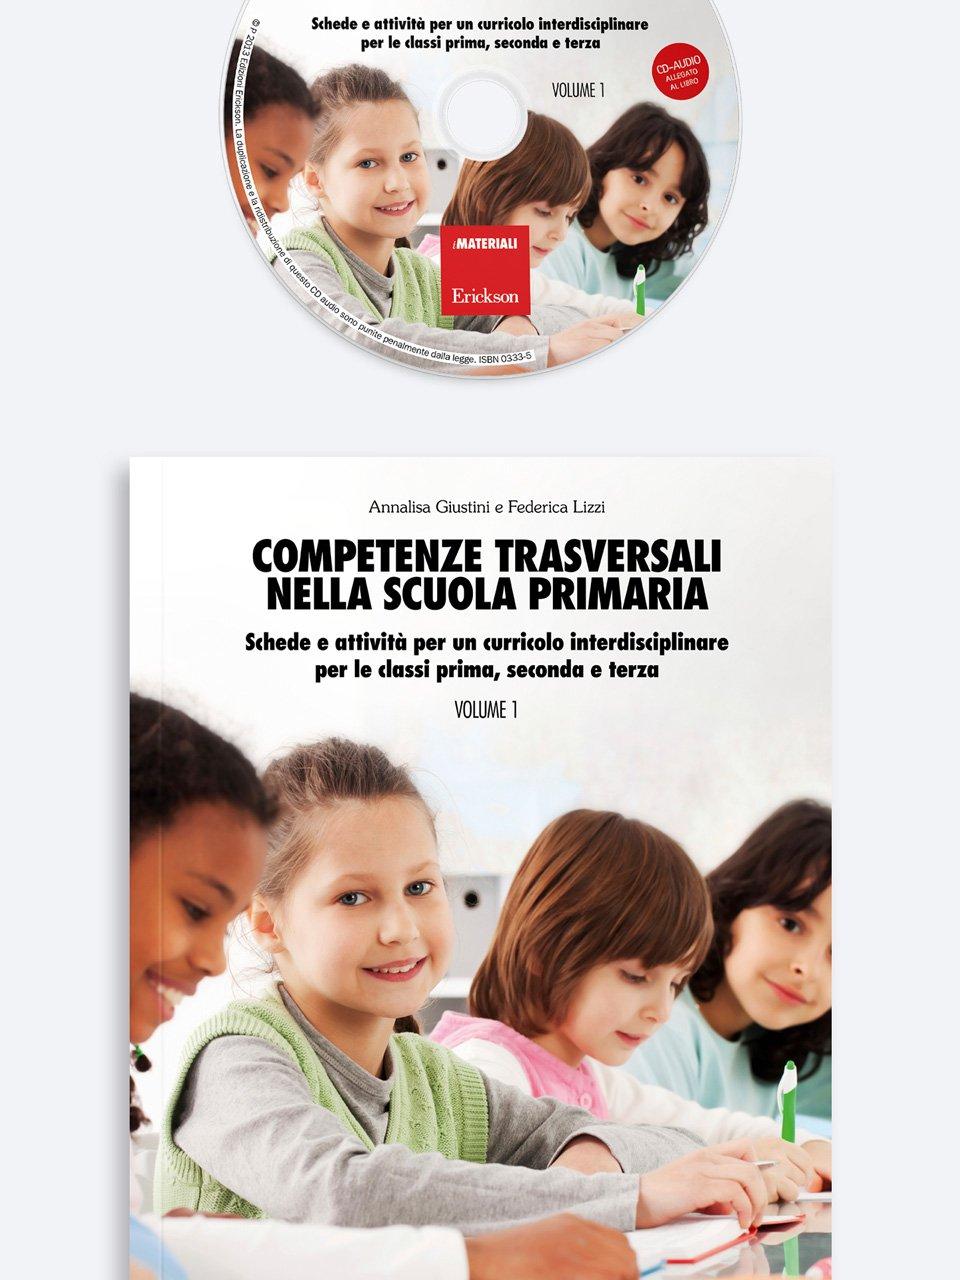 Competenze trasversali nella scuola primaria - Volume 1 - Competenze e valutazione metodologica - Libri - Erickson